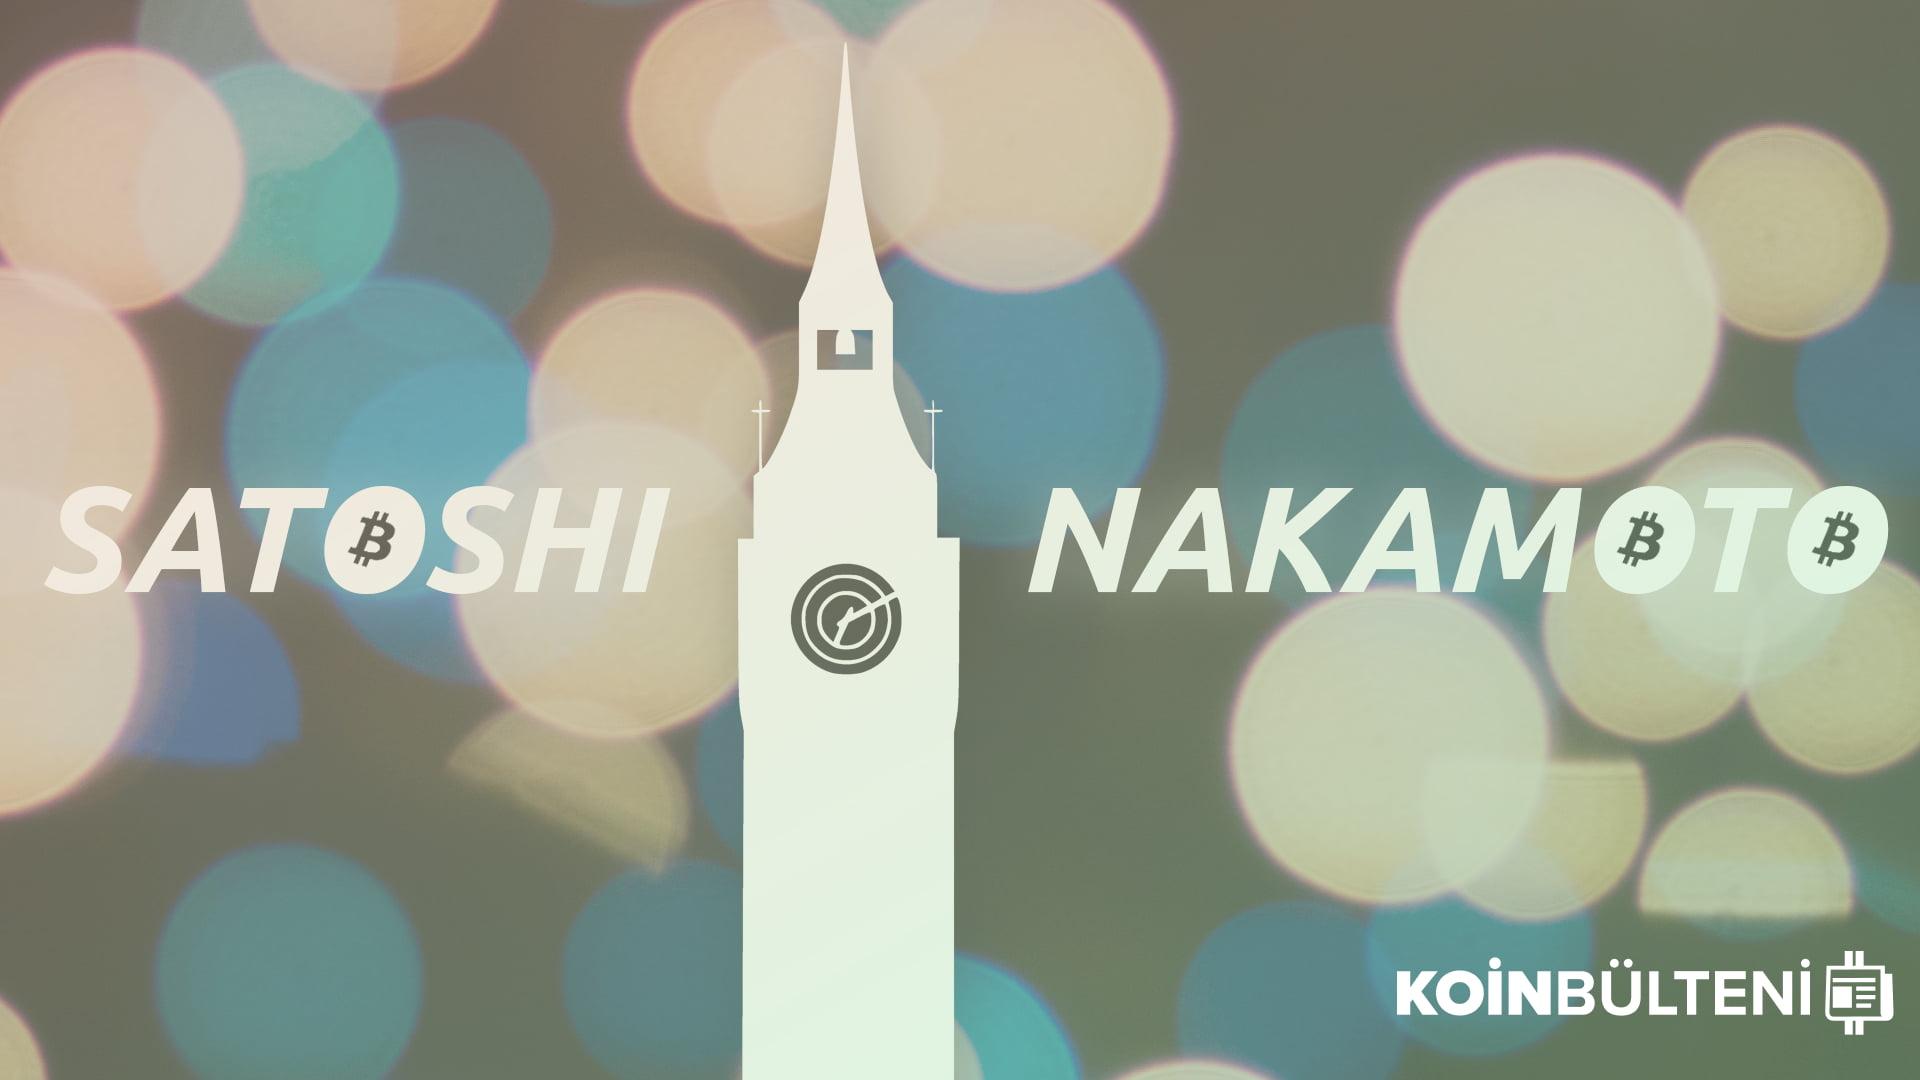 bitcoin kurucusu satoshi nakamoto